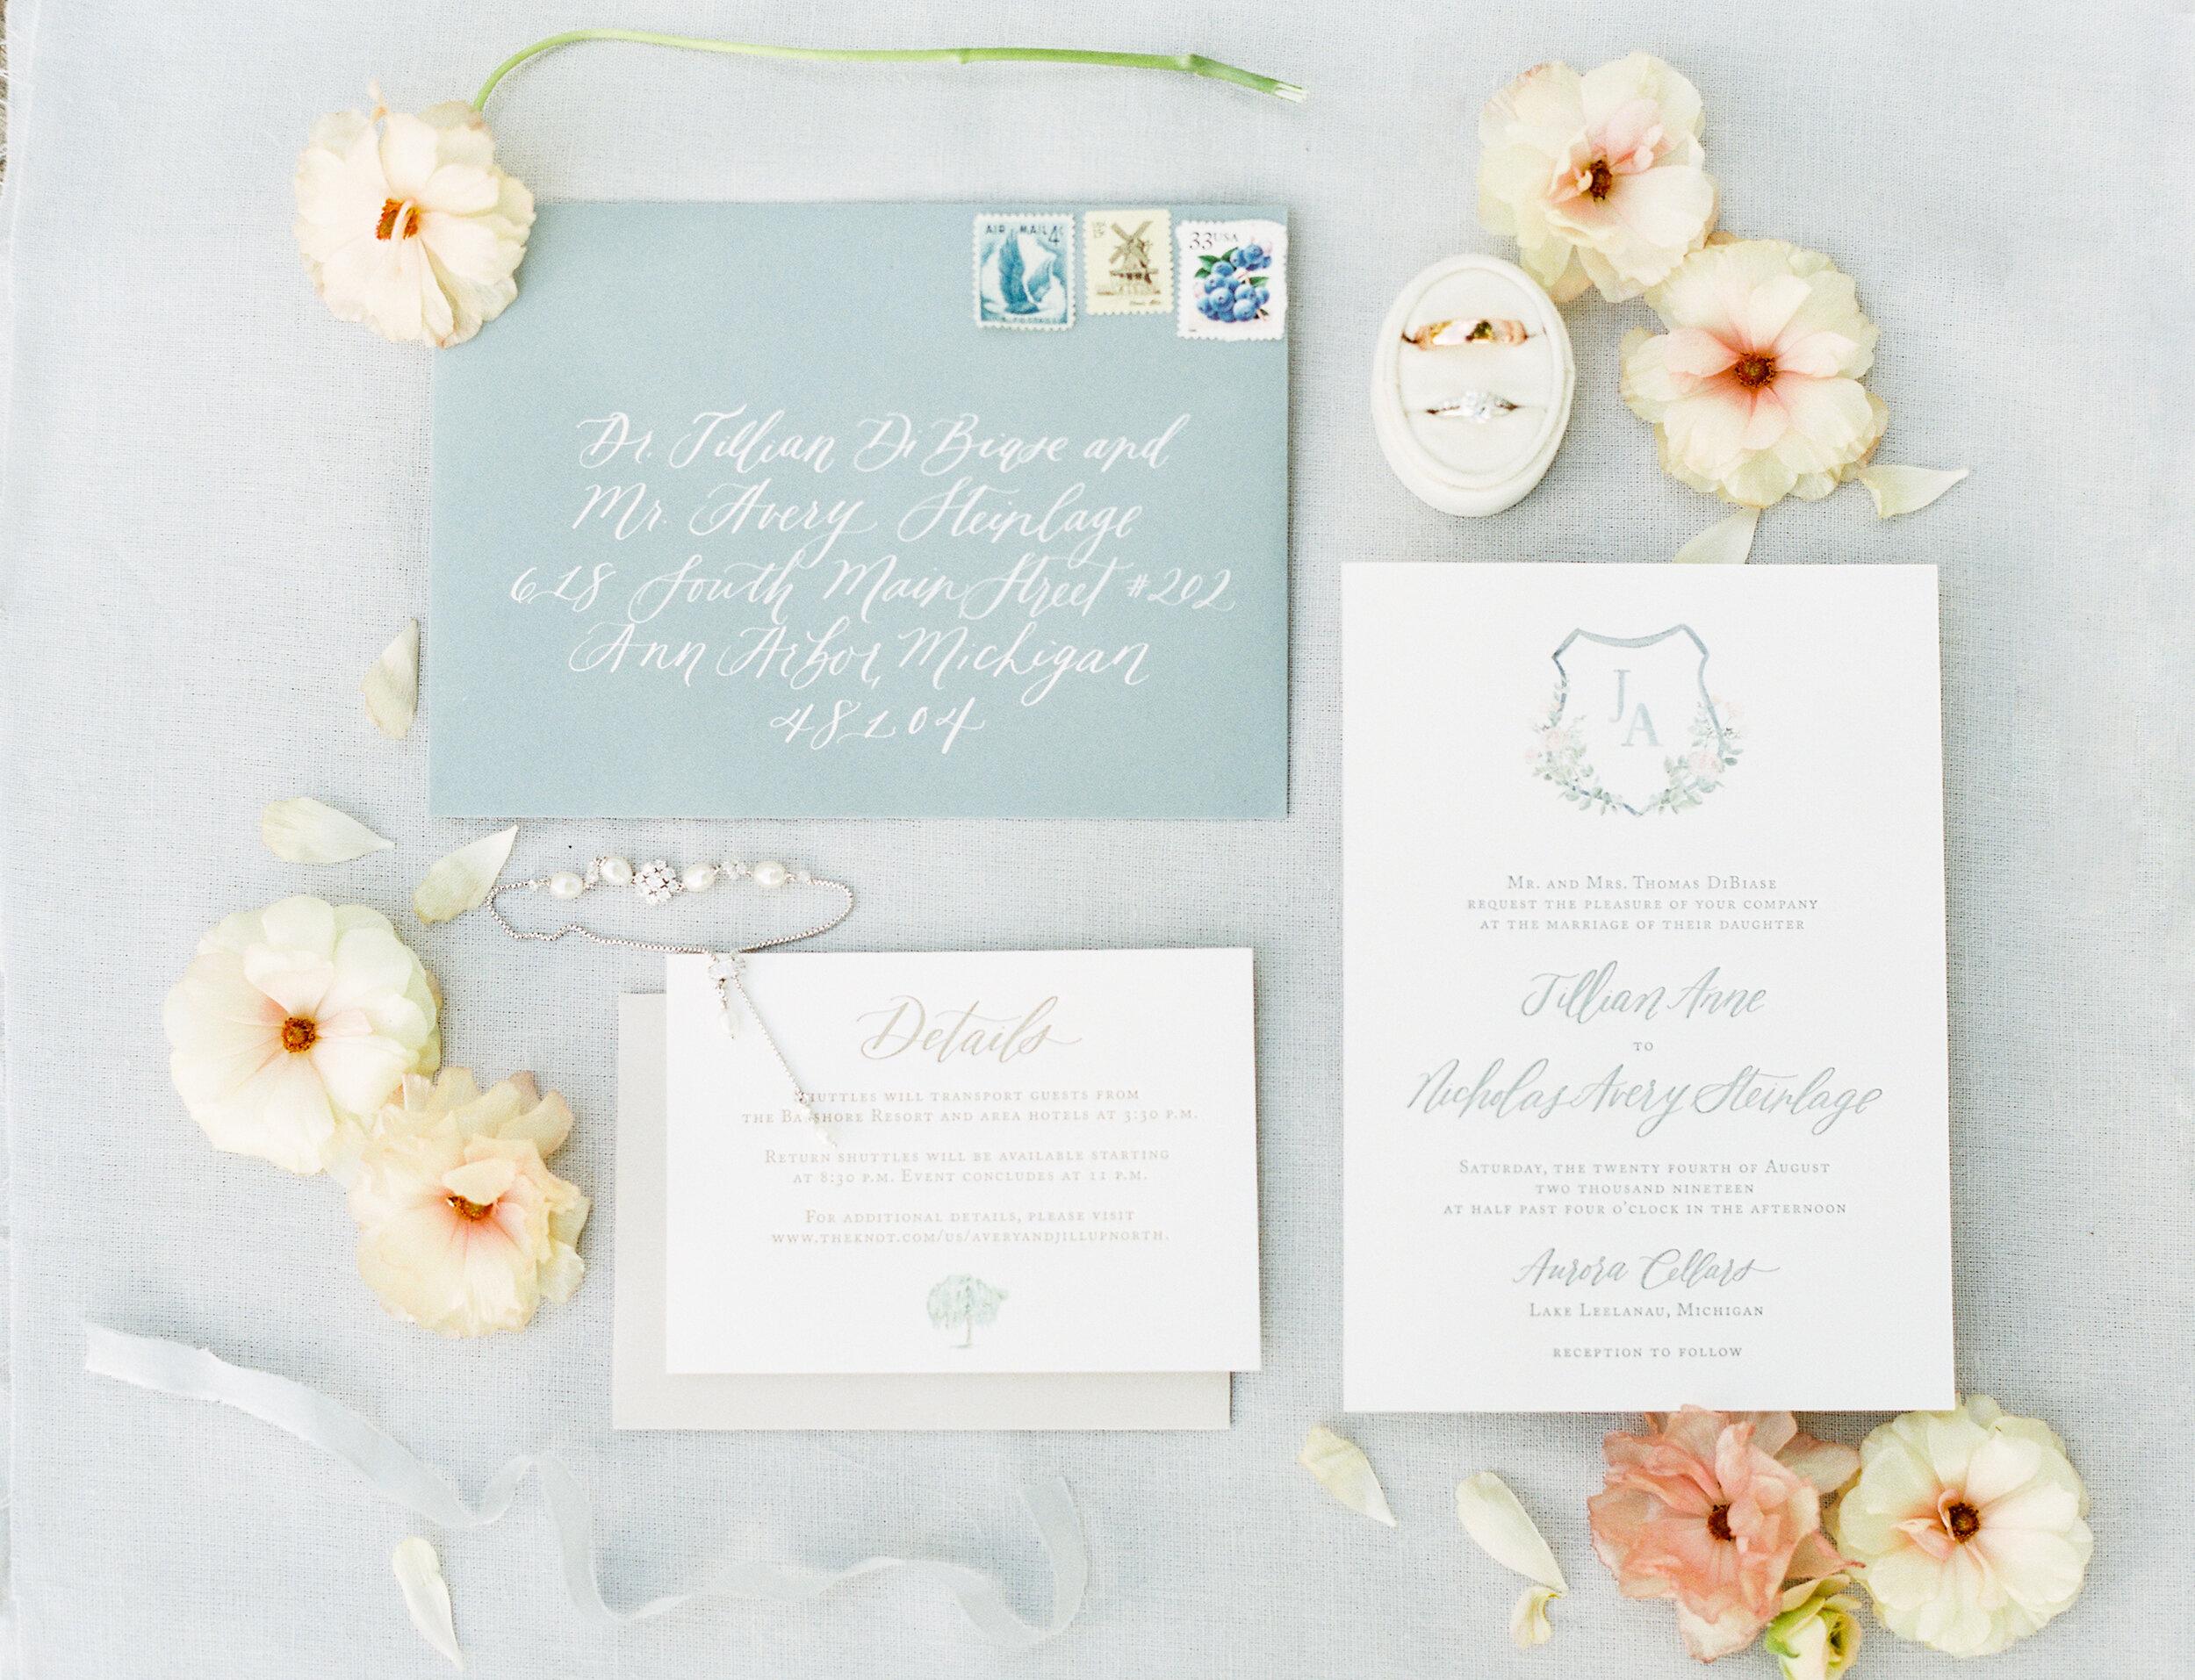 Steinlage+Wedding+Details-6.jpg